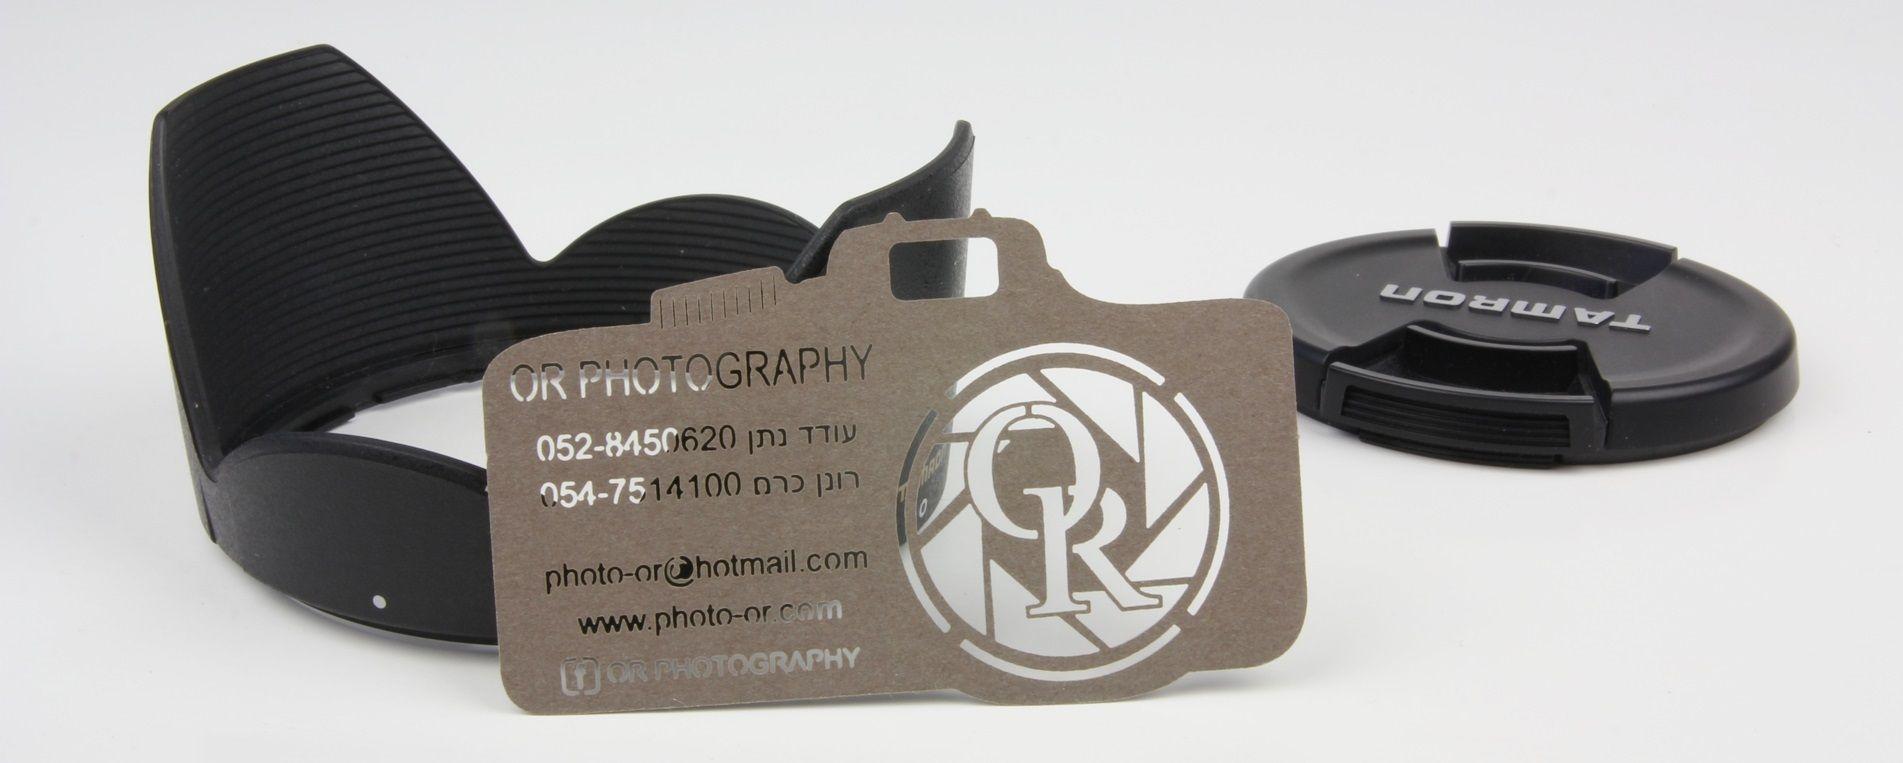 כרטיס ביקור חתוך בלייזר בעיצוב אישי